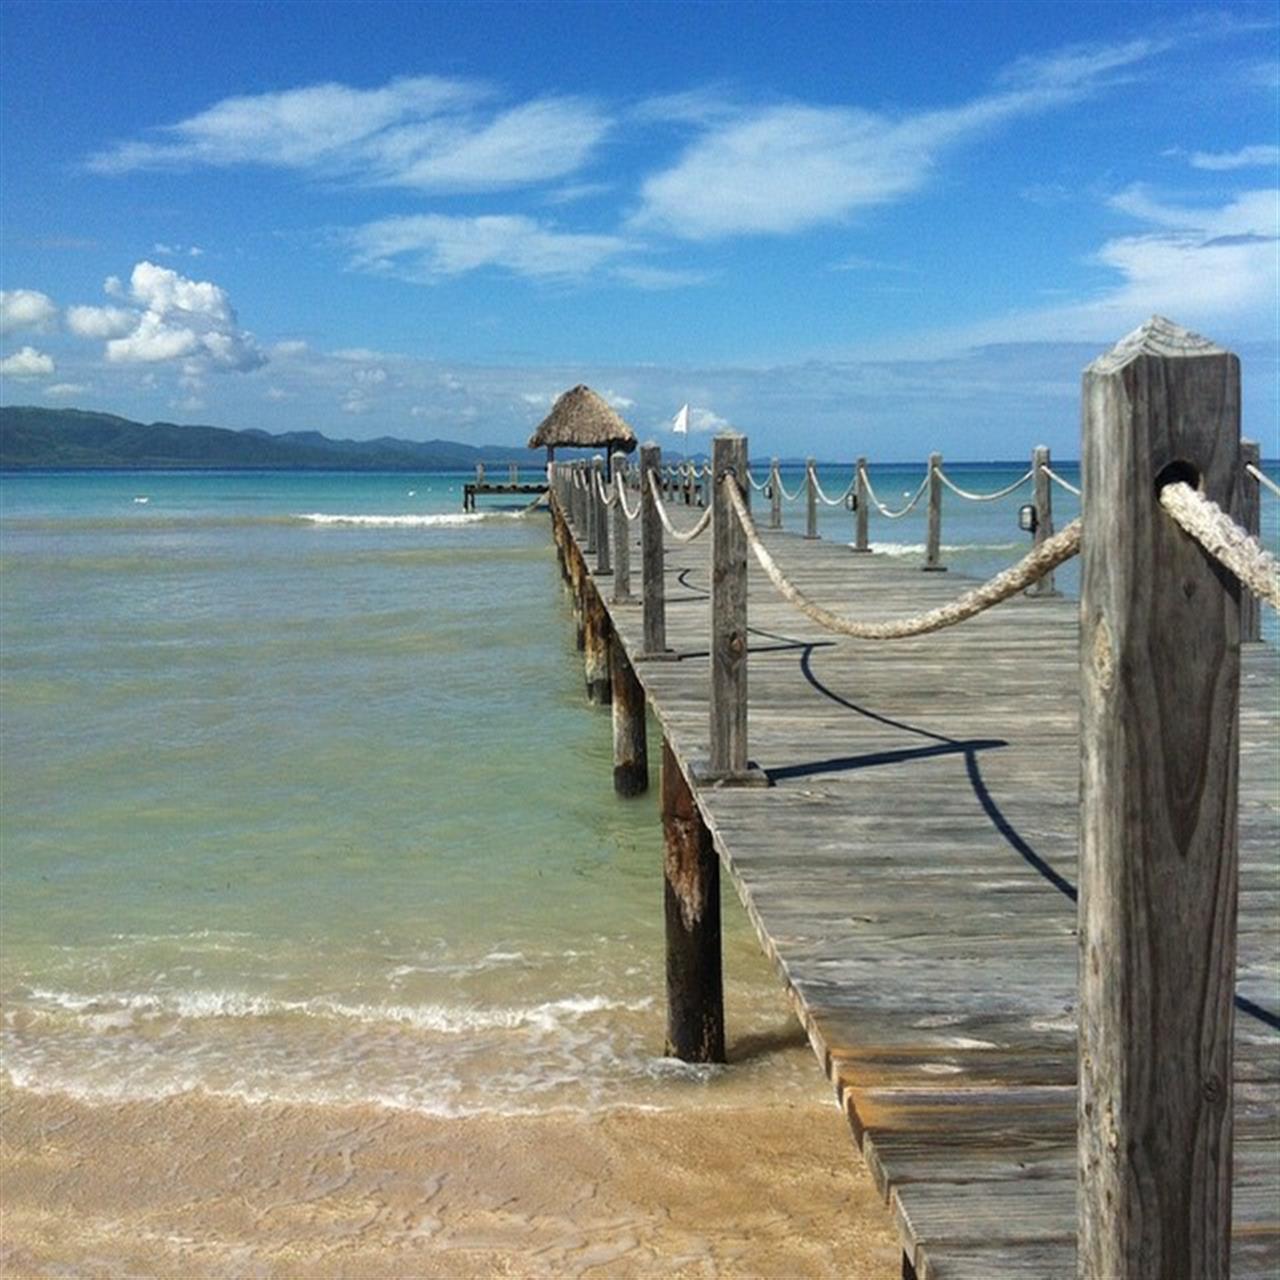 Punta Rusia, north coast of the Dominican Republic